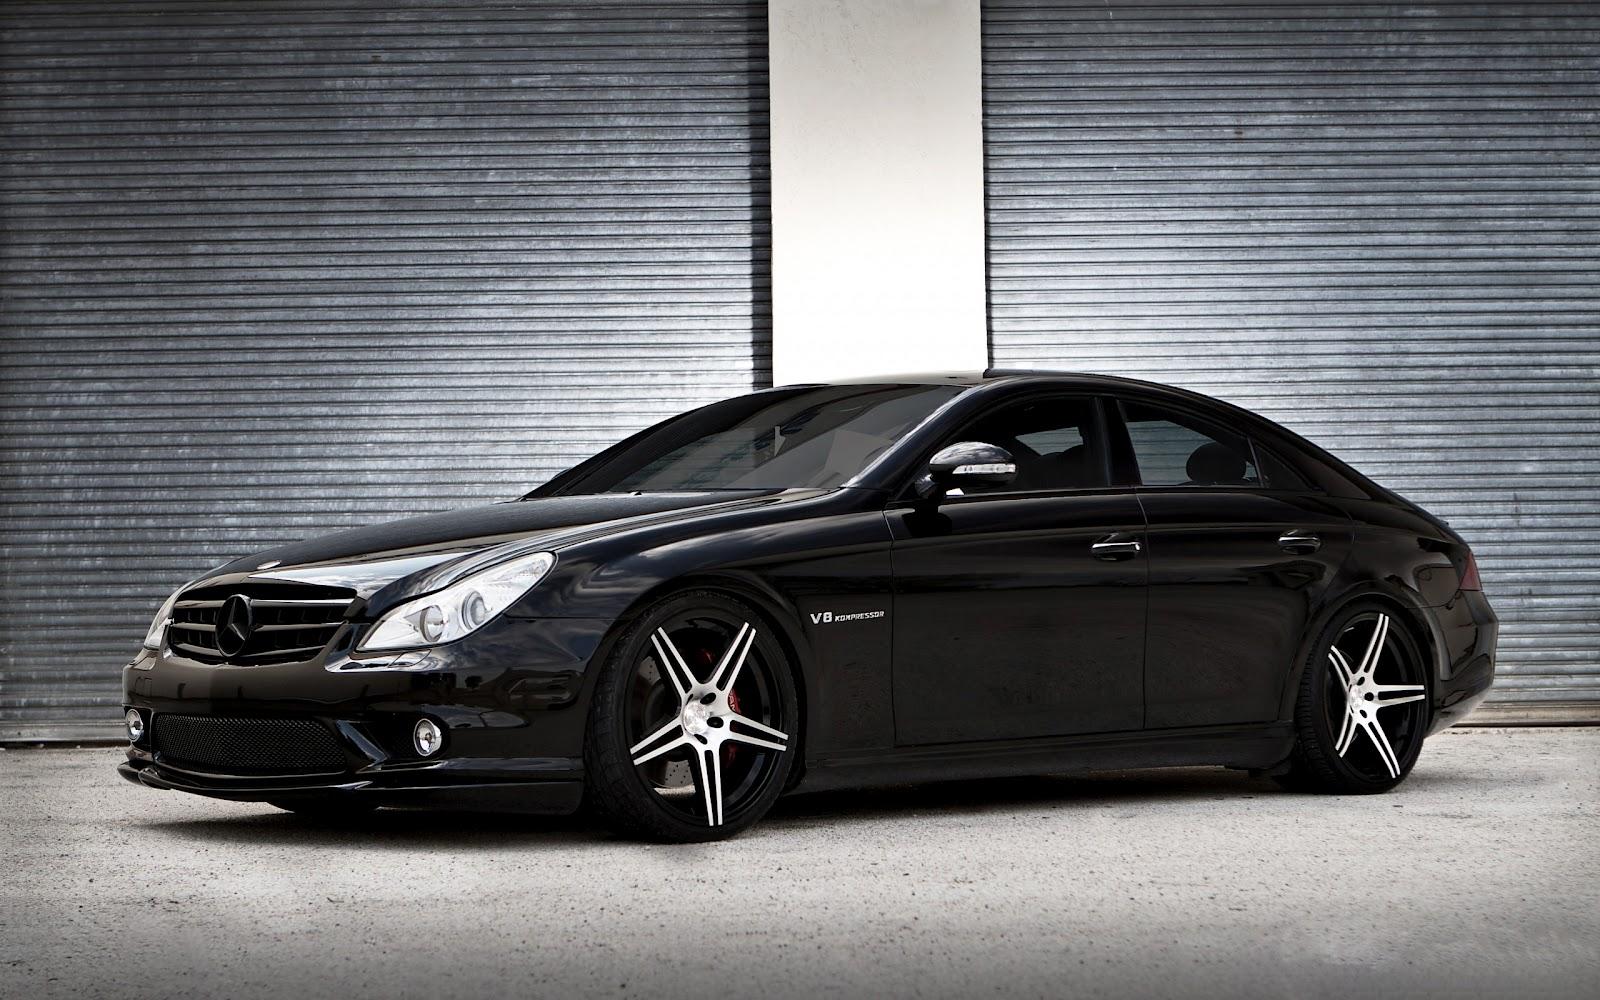 2012 cars wallpaper Mercedes Benz CLS55 AMG Wallpaper 1600x1000